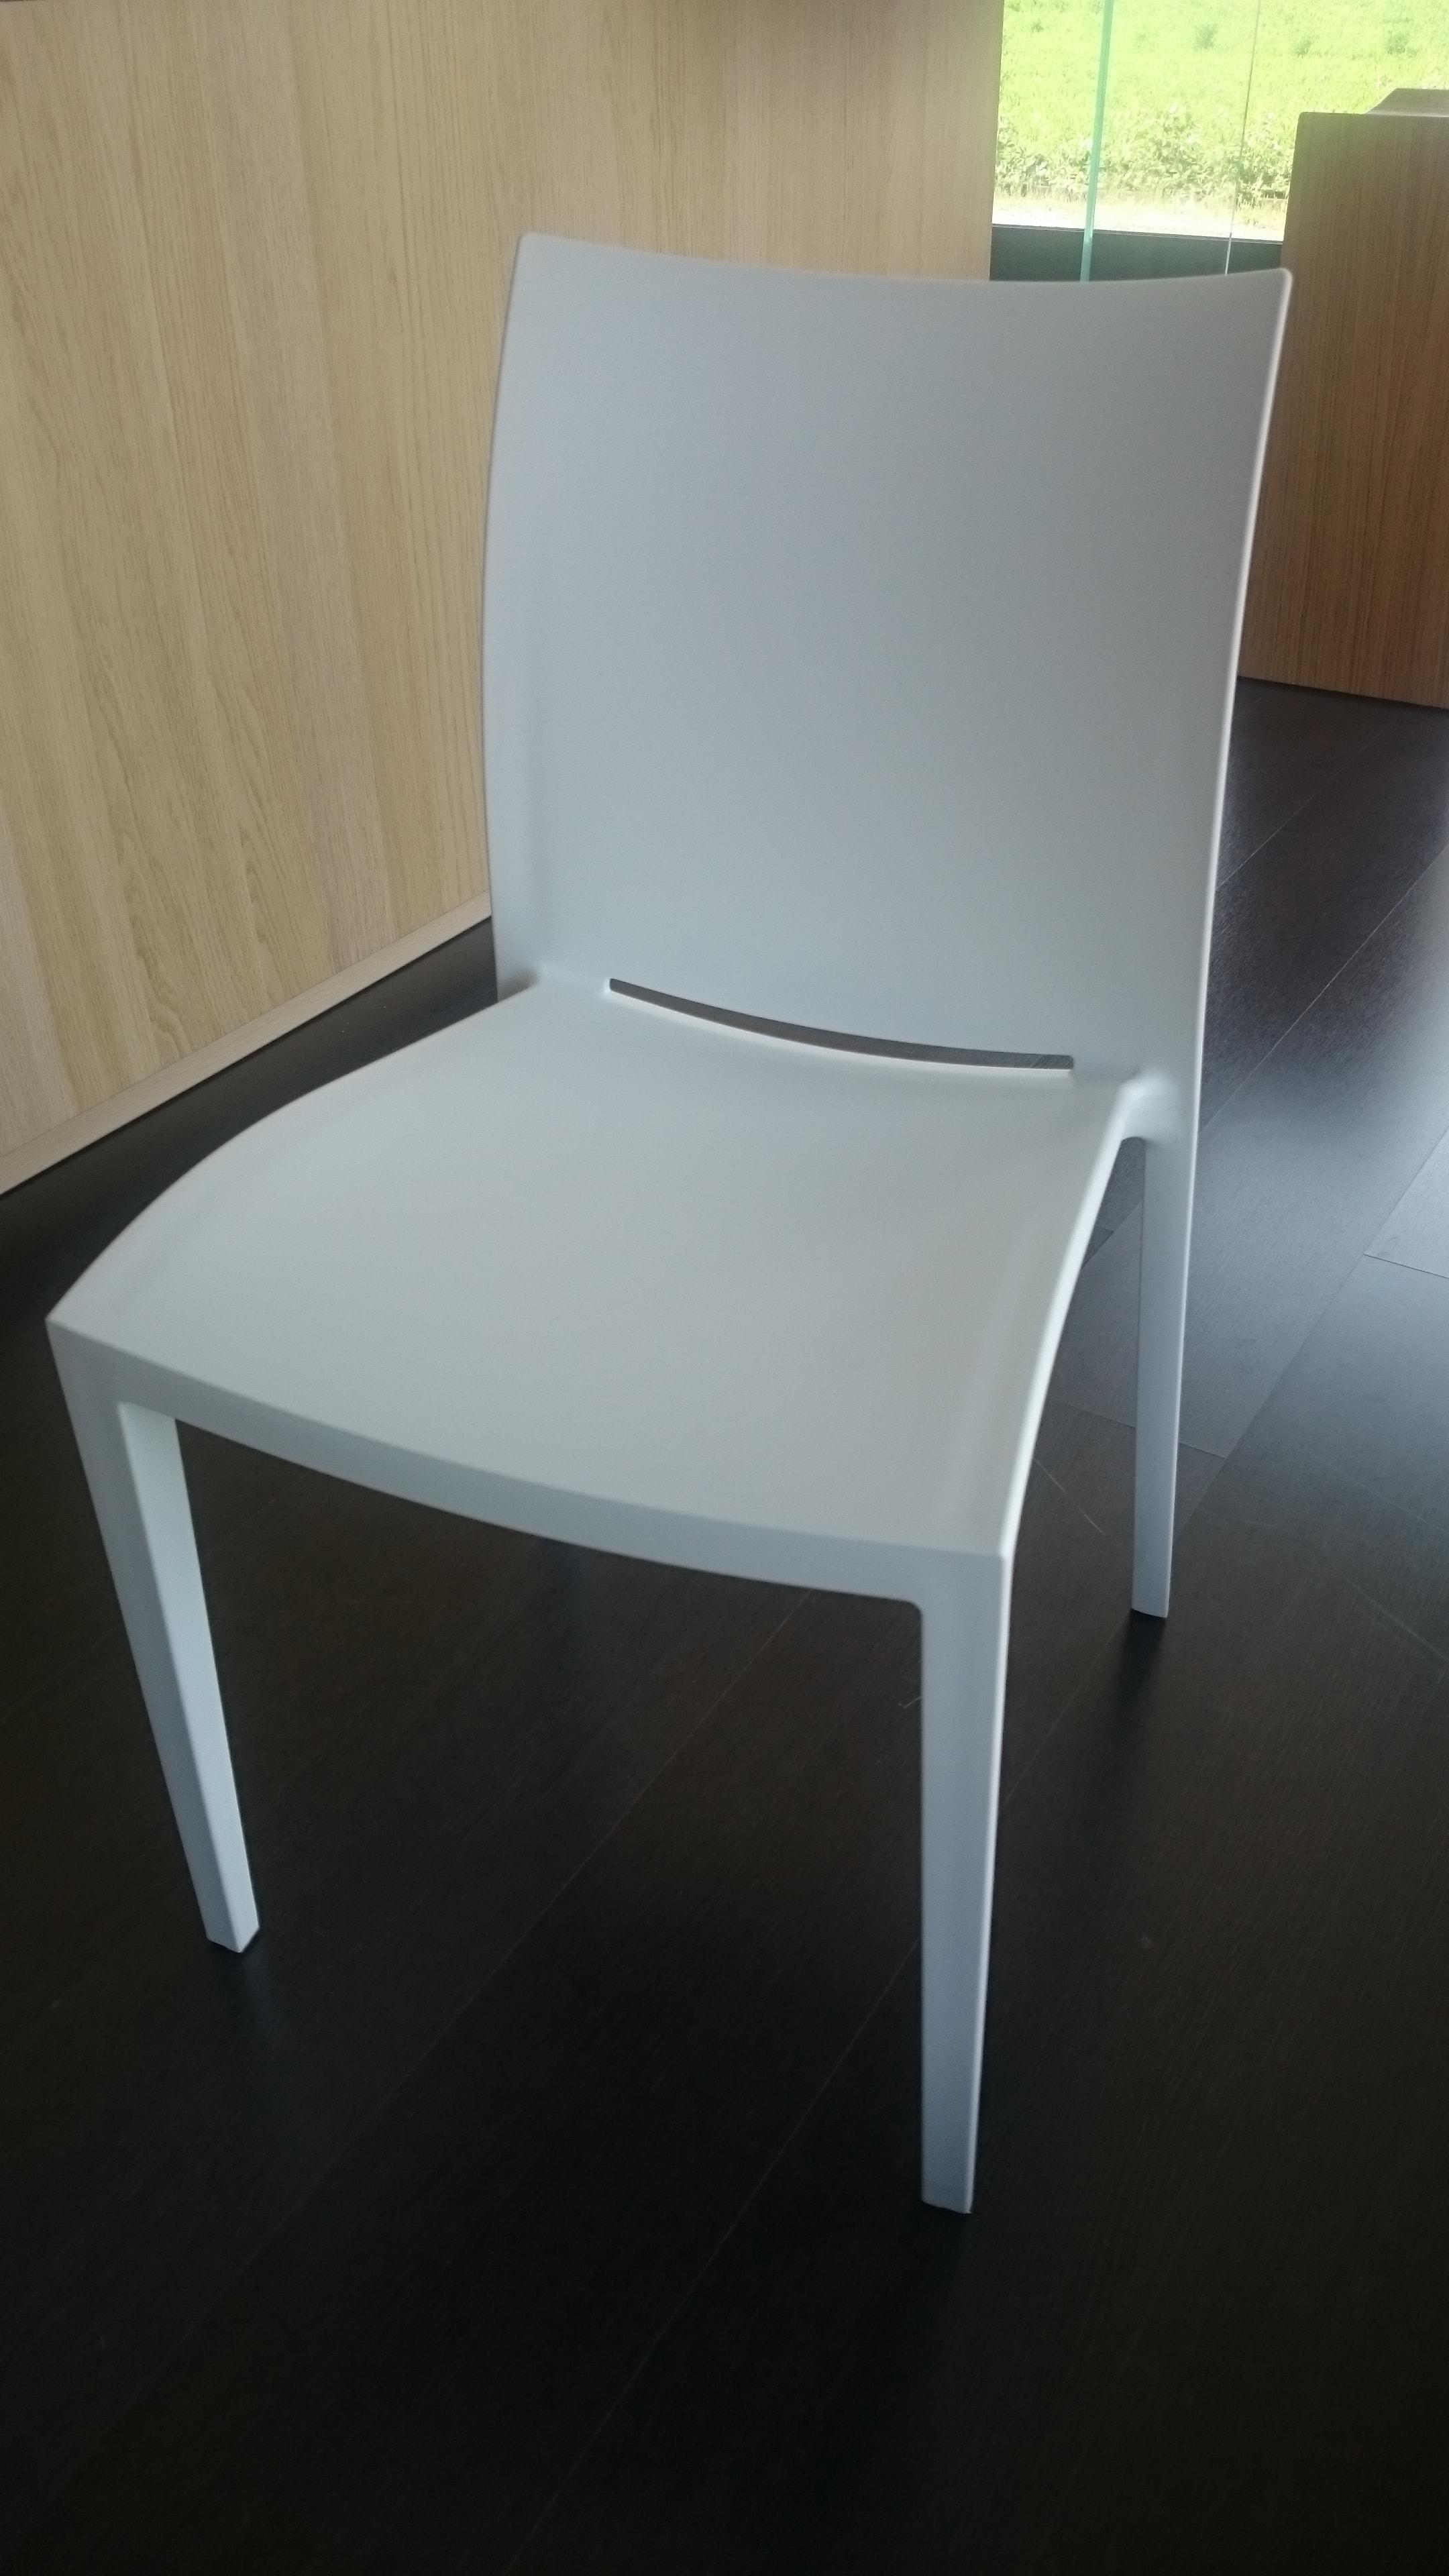 Sedia colico go scontato del 32 sedie a prezzi scontati for Colico design sedia go